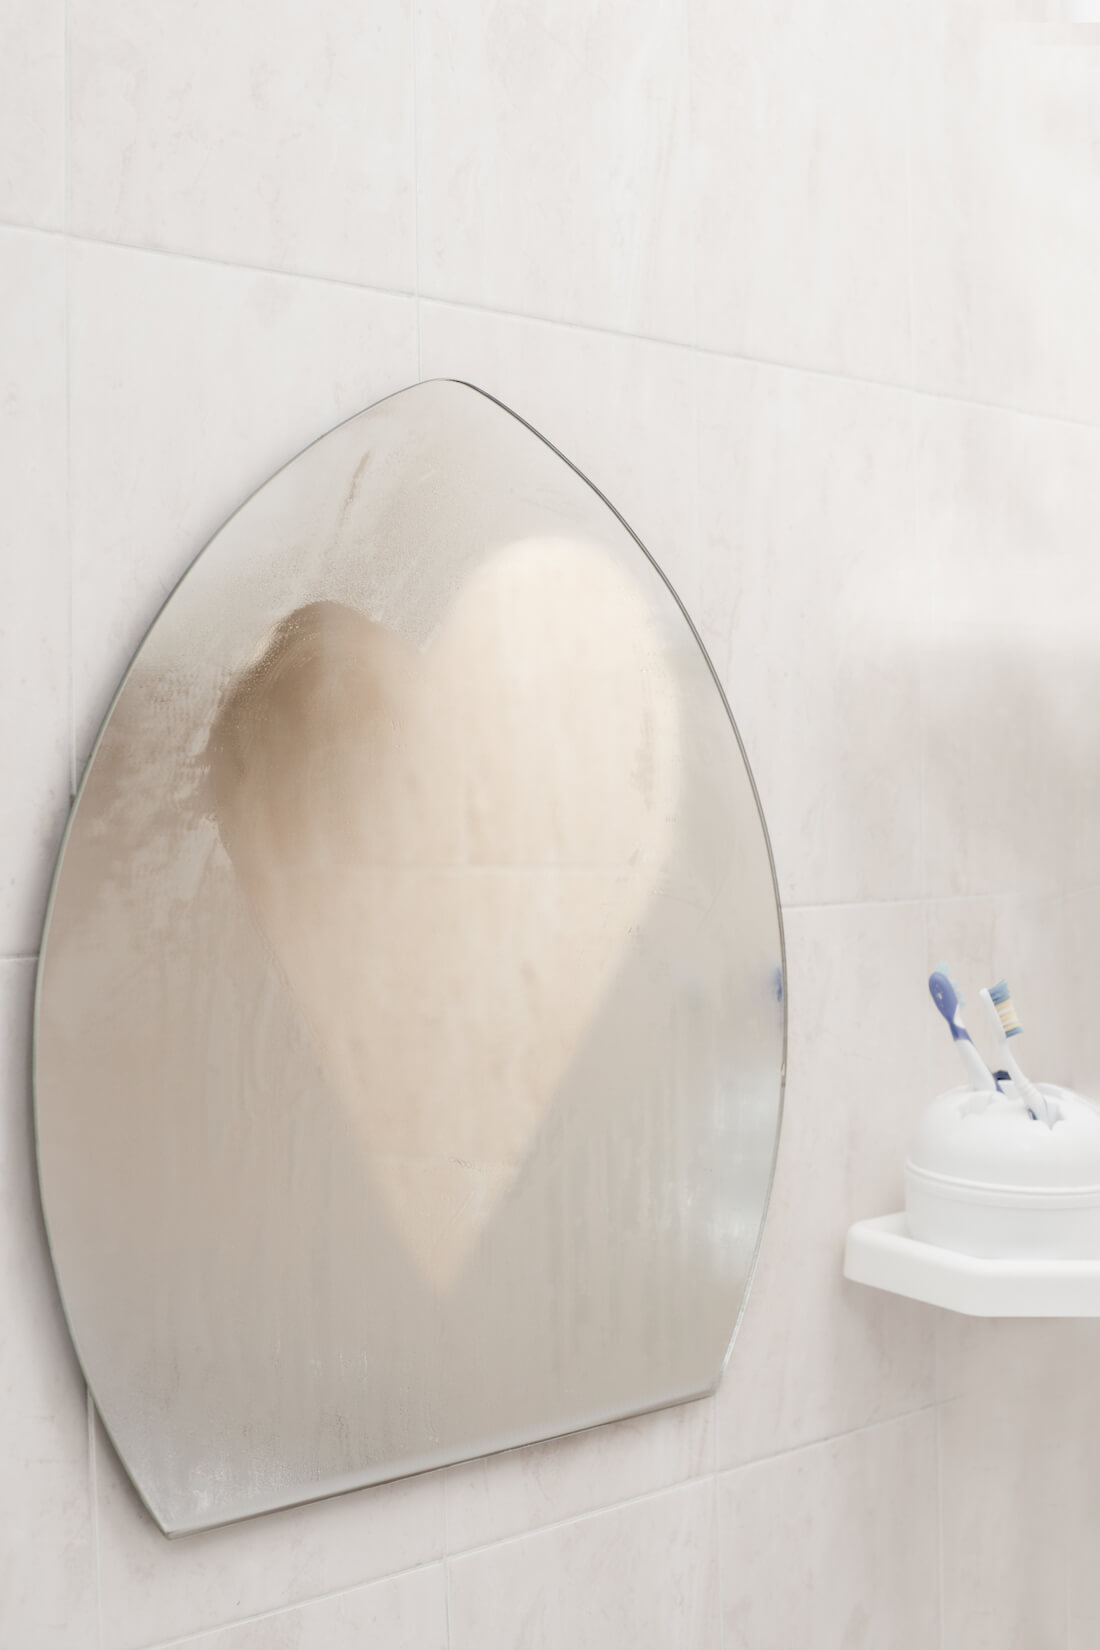 L'humidité dans la salle de bain miroir brumeux